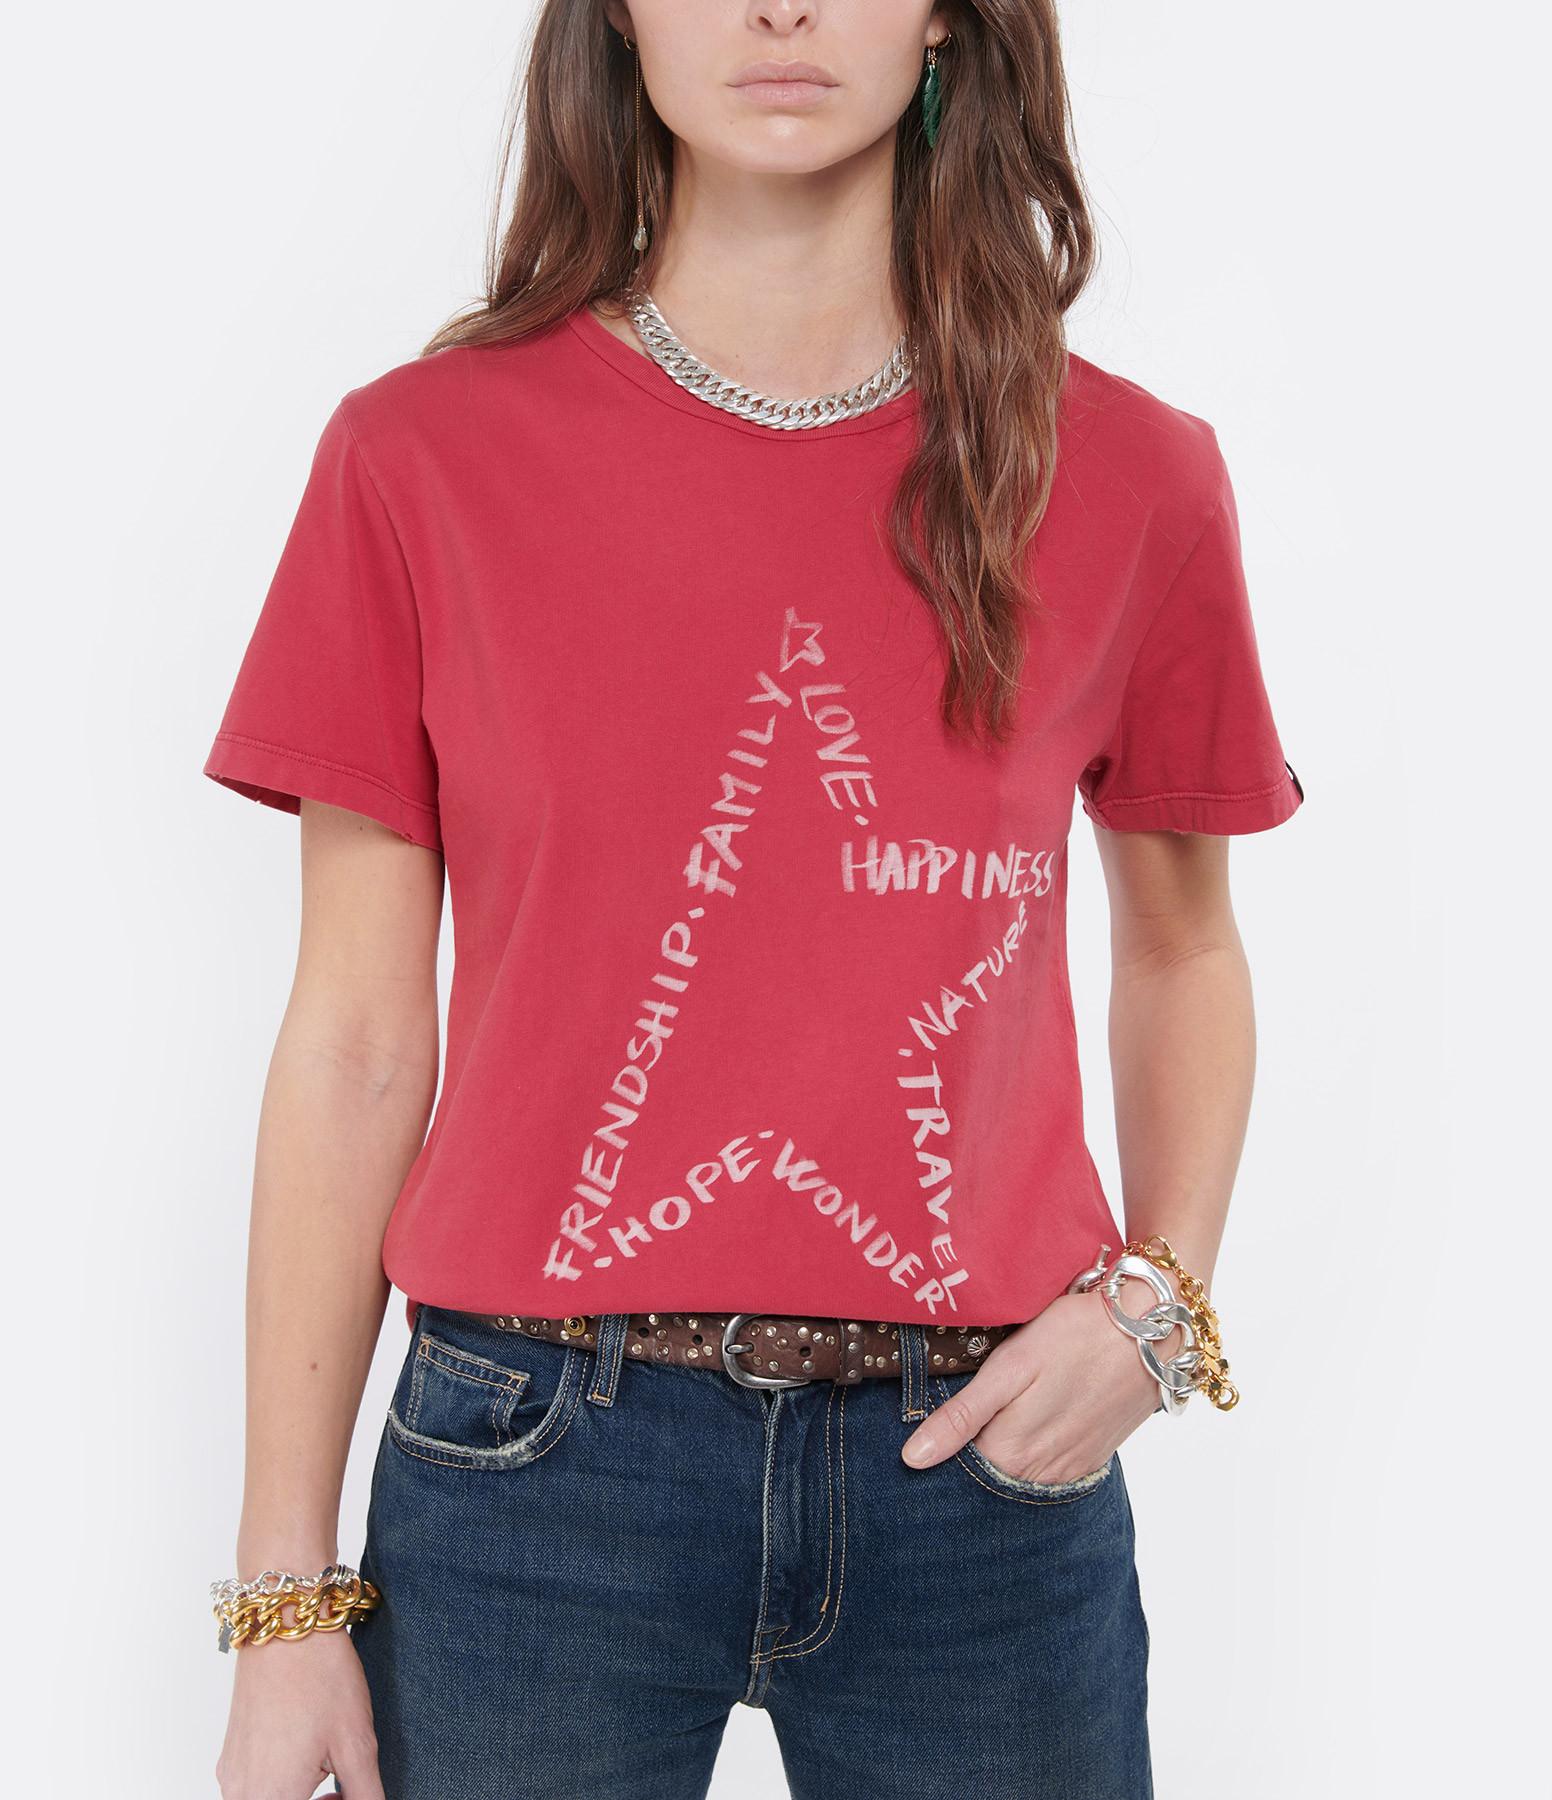 GOLDEN GOOSE - Tee-shirt Ania Étoile Coton Rouge